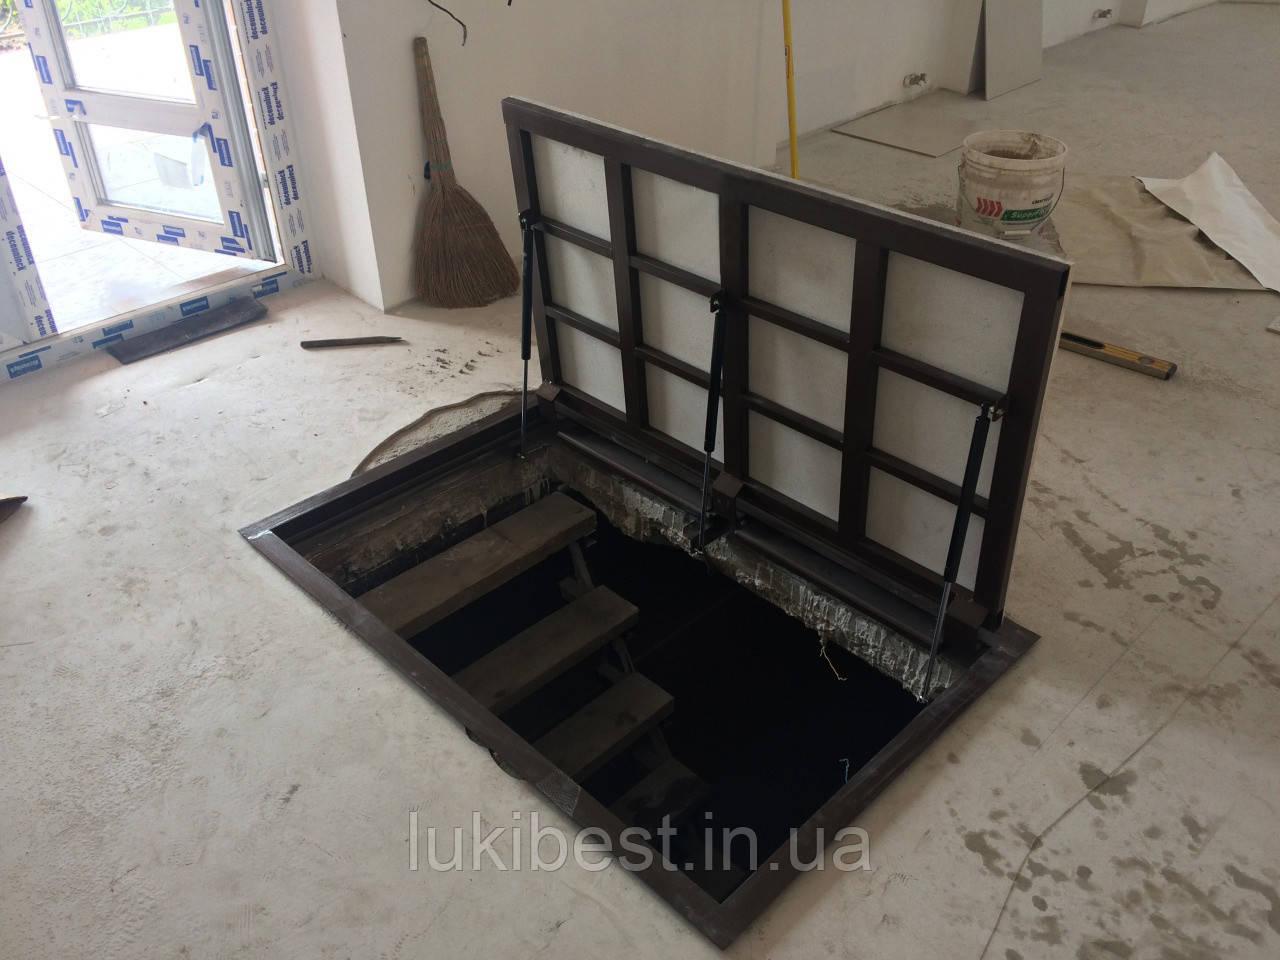 Напольный люк под ламинат 700*600 мм Вest Lift  / люк в погреб/ люк в подвал